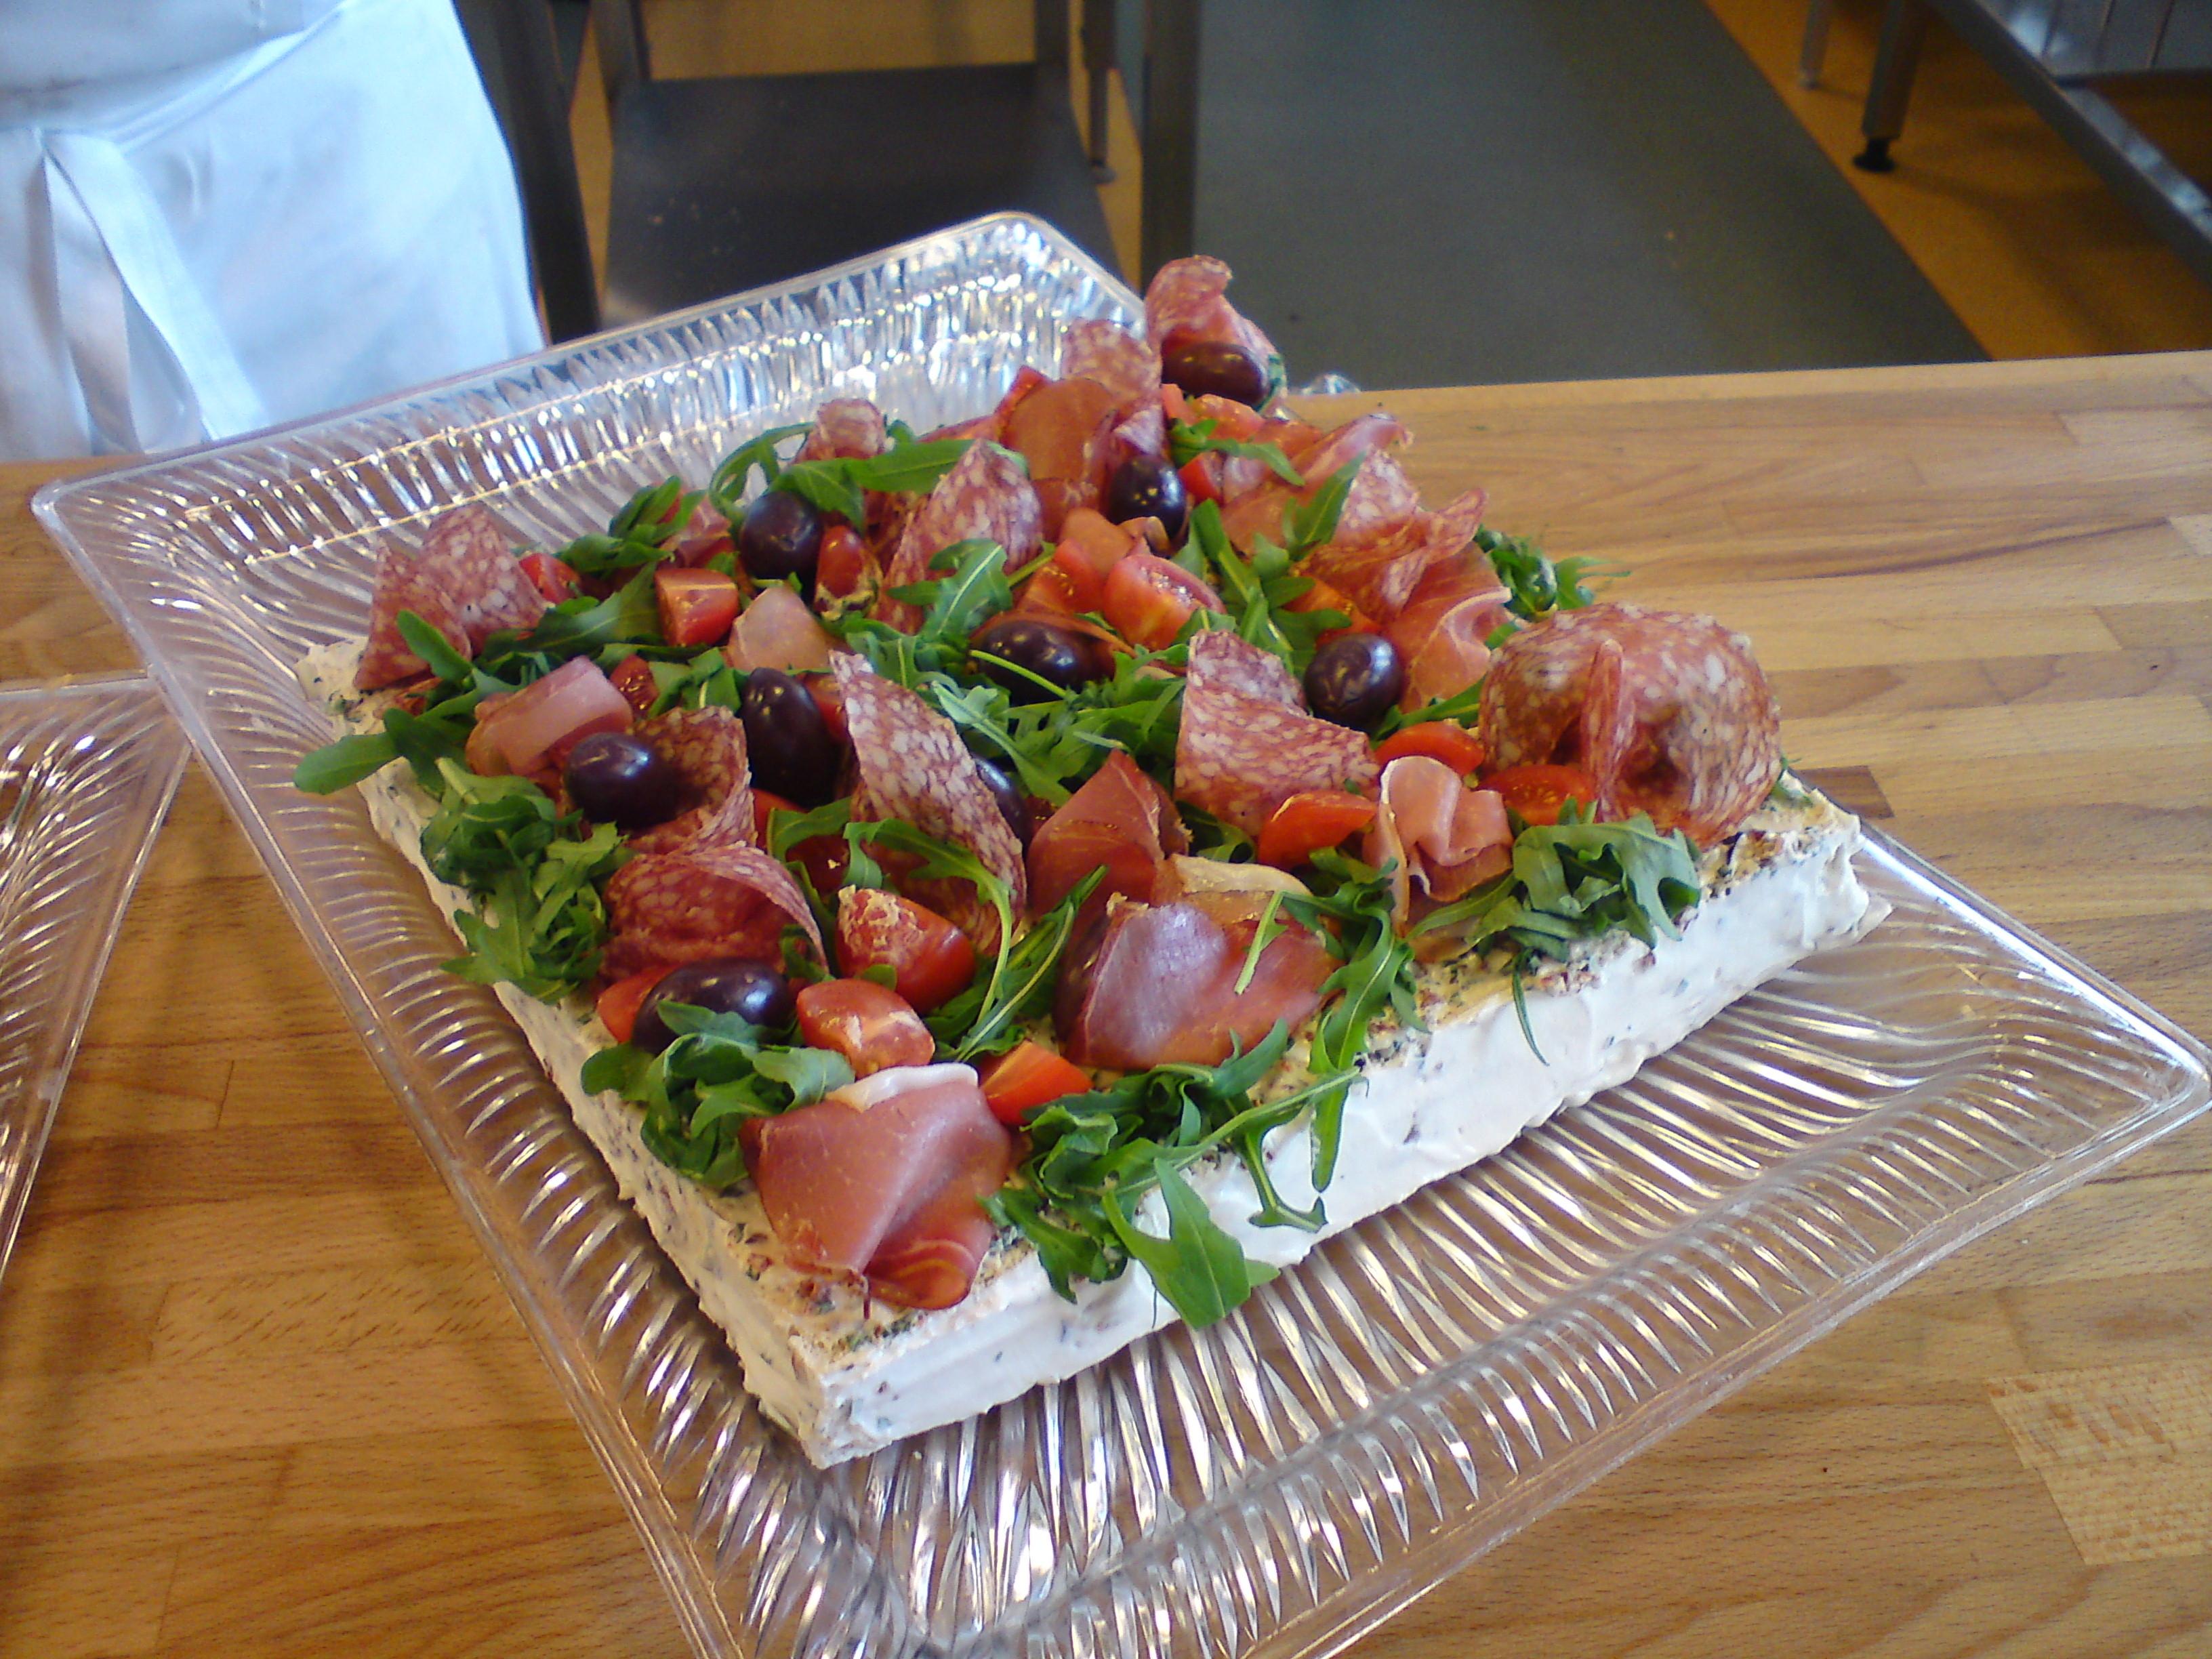 Smörgåstårta med italienska influenser